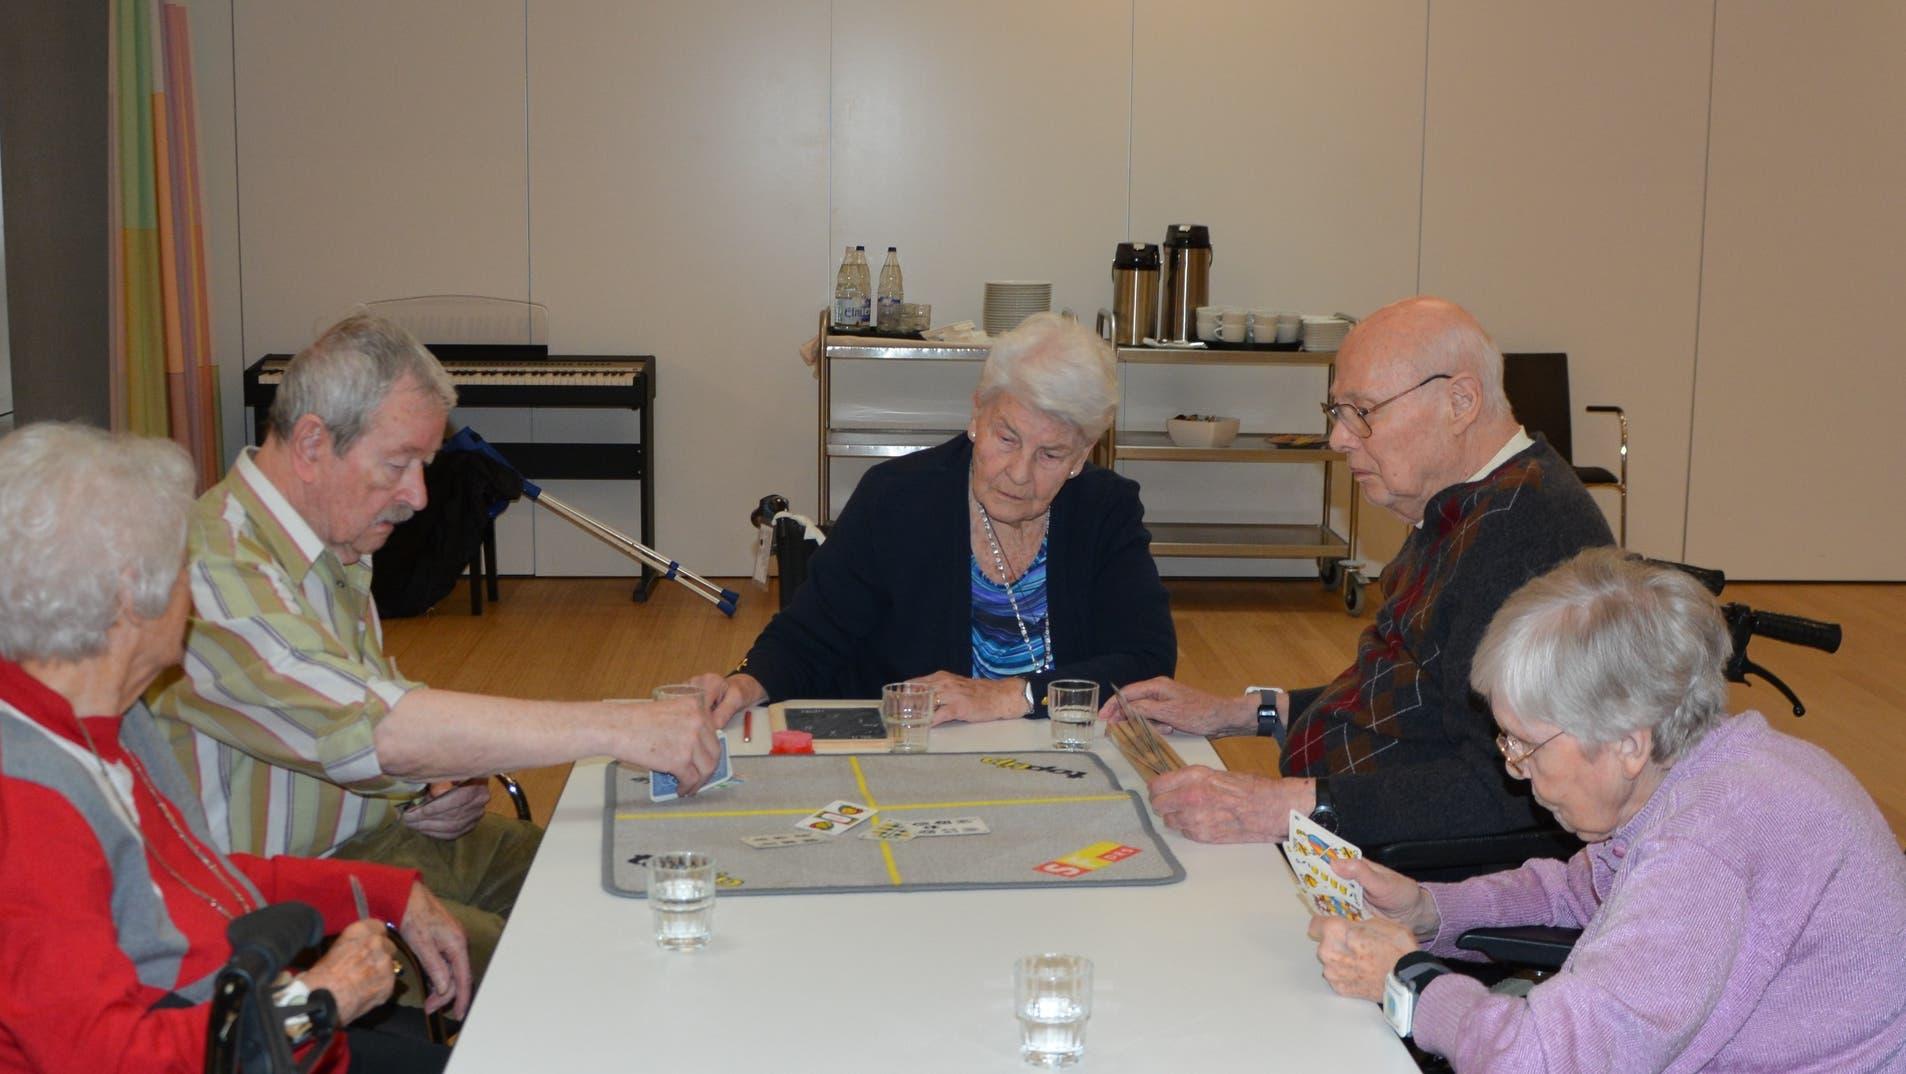 Irene Illi (85) fungiert als Schreiberin. Sie lebt noch selbstständig und jasst nur mit, wenn ein Spieler ausfällt. Sie sagt, sie jasse etwa seit 80 Jahren. «In Luzern können die Mädchen schon in den Windeln jassen.»